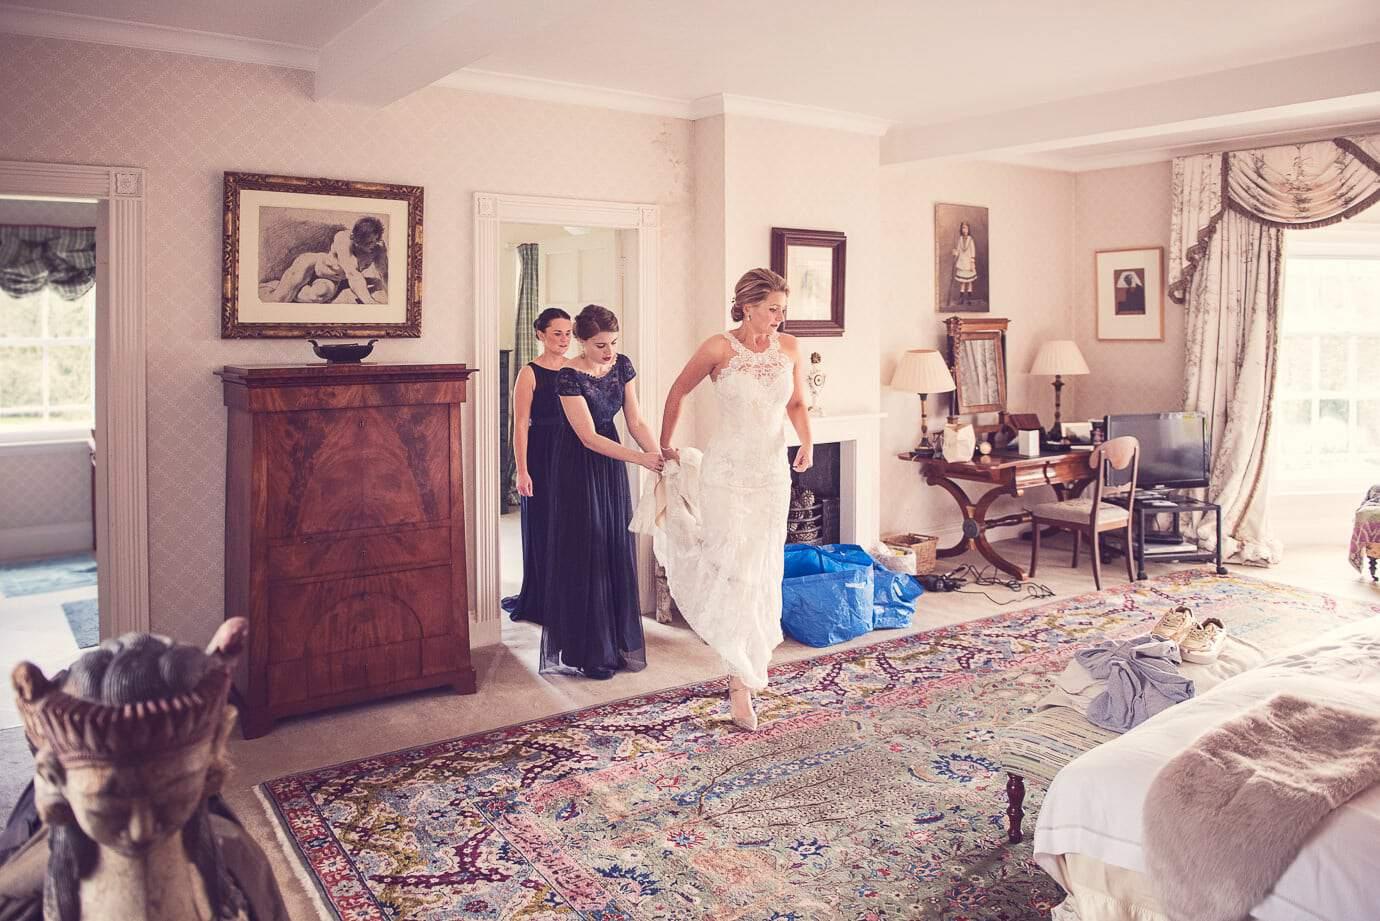 Bride and bridesmaids in Plush Manor wedding venue bedroom bridal preparations